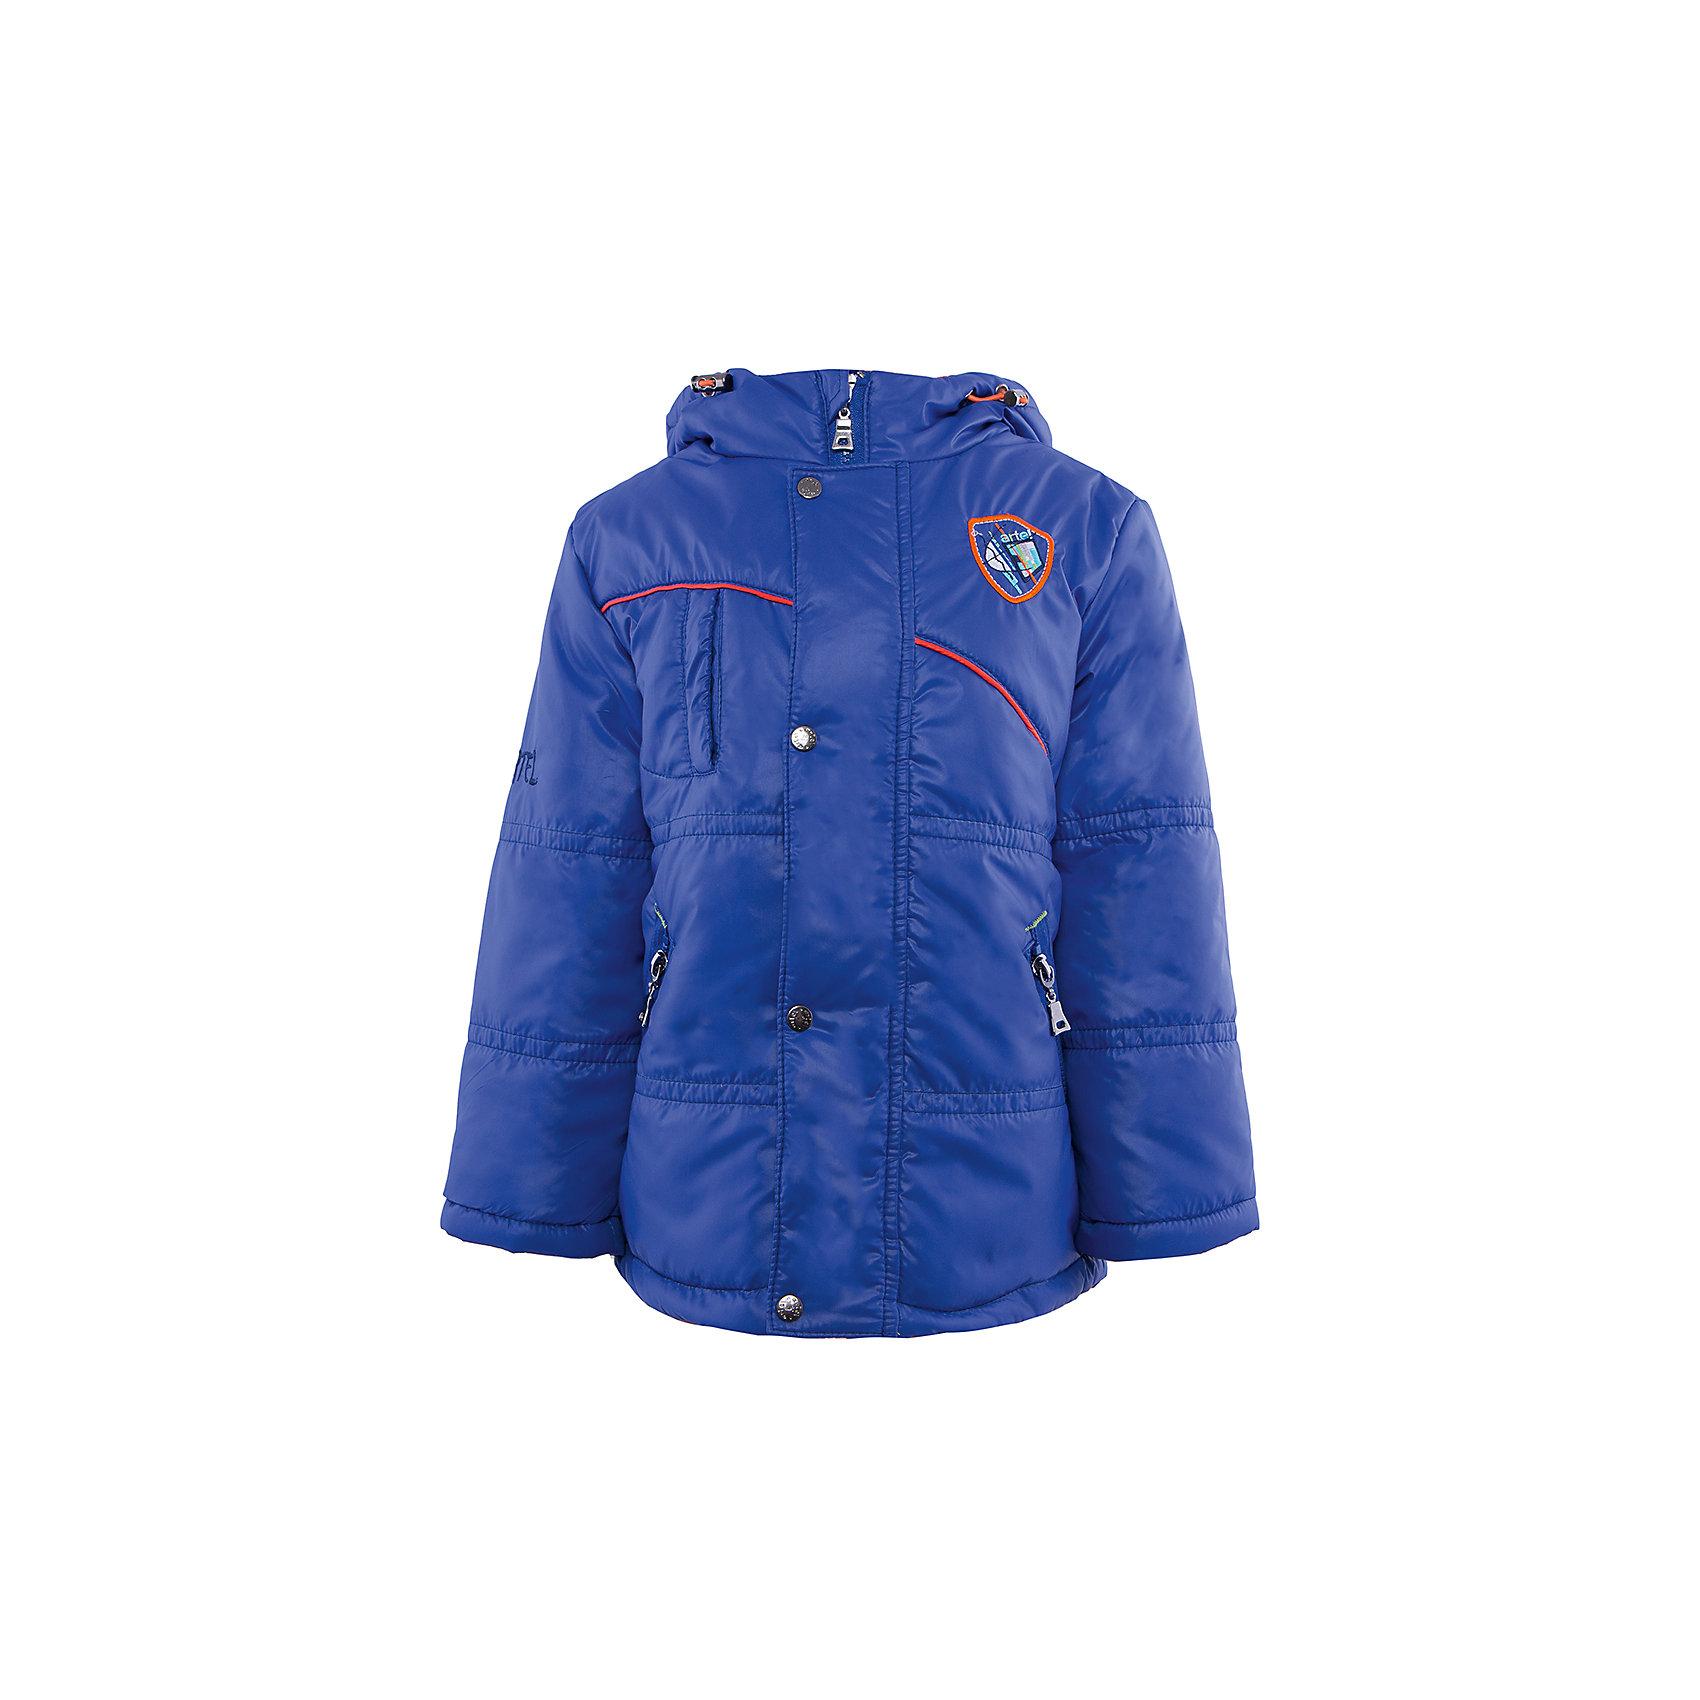 Куртка для мальчика АртельВерхняя одежда<br>Куртка для мальчика от торговой марки Артель &#13;<br>&#13;<br>Утепленная куртка позволит ребенку чувствовать себя комфортно даже в холодную погоду. Сделана она из качественных материалов, поэтому может прослужить не один сезон. Практичная и удобная вещь.<br>Одежда от бренда Артель – это высокое качество по приемлемой цене и всегда продуманный дизайн. &#13;<br>&#13;<br>Особенности модели: &#13;<br>- цвет - синий;&#13;<br>- наличие карманов;&#13;<br>- капюшон;<br>- утеплитель;&#13;<br>- украшена вышивкой;&#13;<br>- застежка-молния под клапаном на кнопках.&#13;<br>&#13;<br>Дополнительная информация:&#13;<br>&#13;<br>Состав: &#13;<br>- верх: 819 YSD;<br>- подкладка: интерлок, тиси;<br>- утеплитель: термофайбер 200 г<br>&#13;<br>Температурный режим: &#13;<br>от - 15 °C до + 10 °C&#13;<br>&#13;<br>Куртку для мальчика Артель (Artel) можно купить в нашем магазине.<br><br>Ширина мм: 356<br>Глубина мм: 10<br>Высота мм: 245<br>Вес г: 519<br>Цвет: синий<br>Возраст от месяцев: 36<br>Возраст до месяцев: 48<br>Пол: Мужской<br>Возраст: Детский<br>Размер: 104,110,98,116,122<br>SKU: 4496025